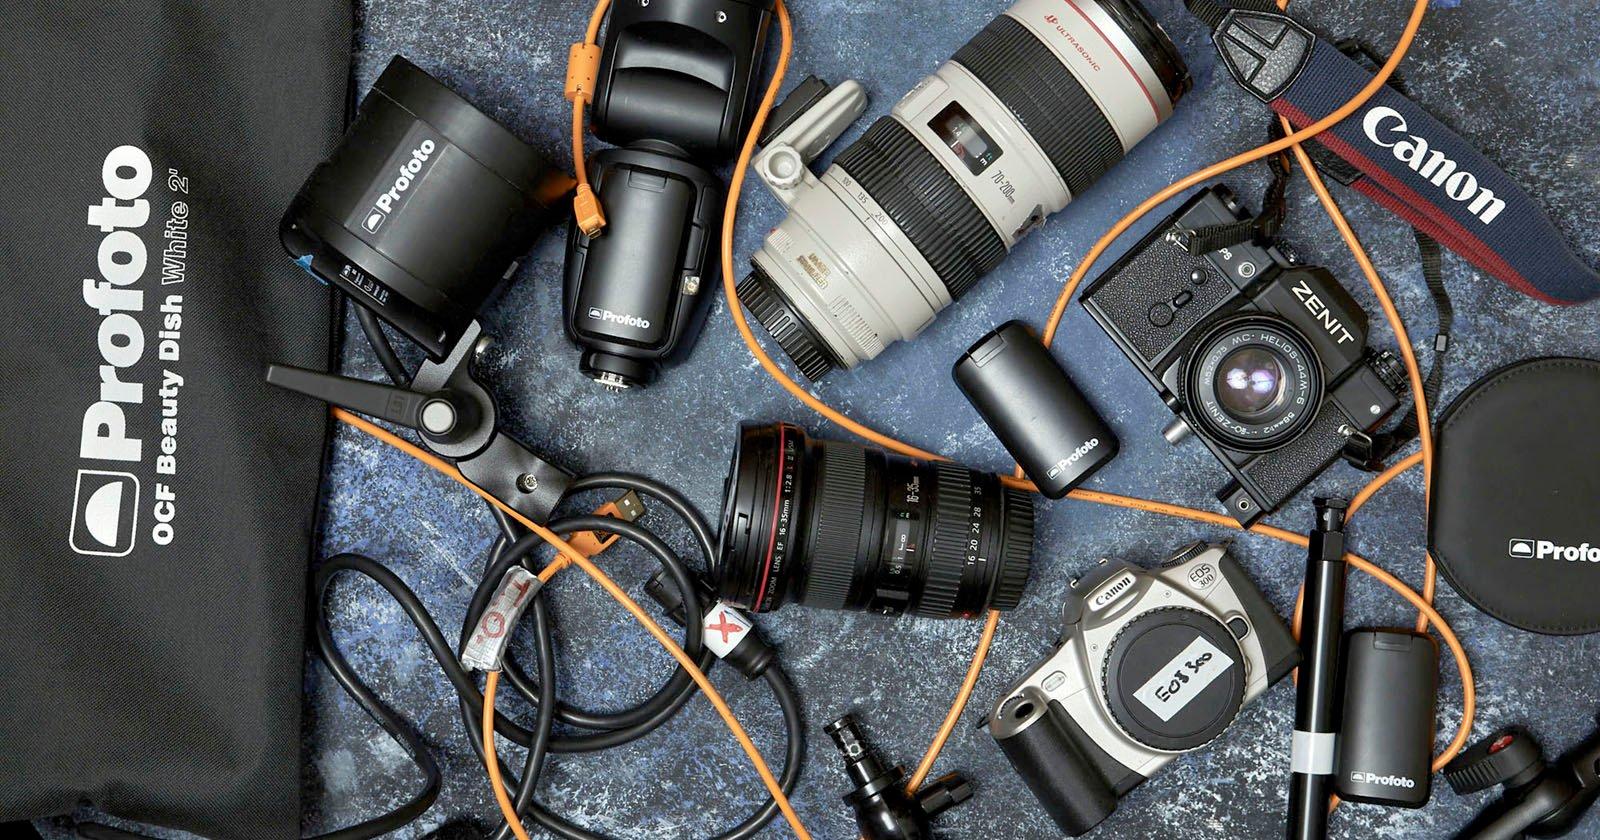 Come ho risparmiato $ 15.000 acquistando l'attrezzatura per fotocamere Pro